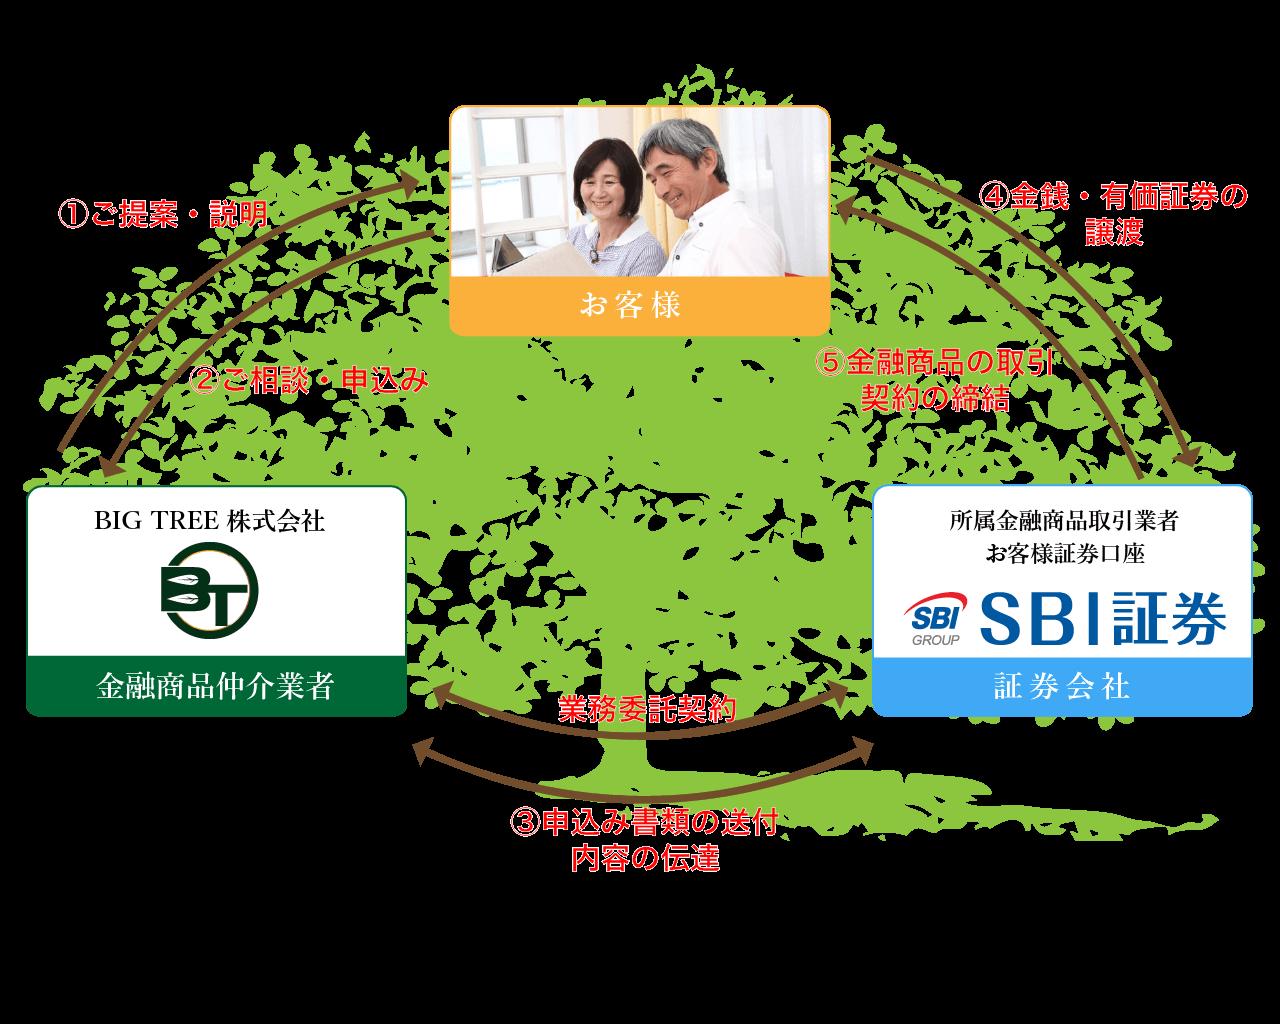 金融商品仲介業とは:BIG TREE株式会社